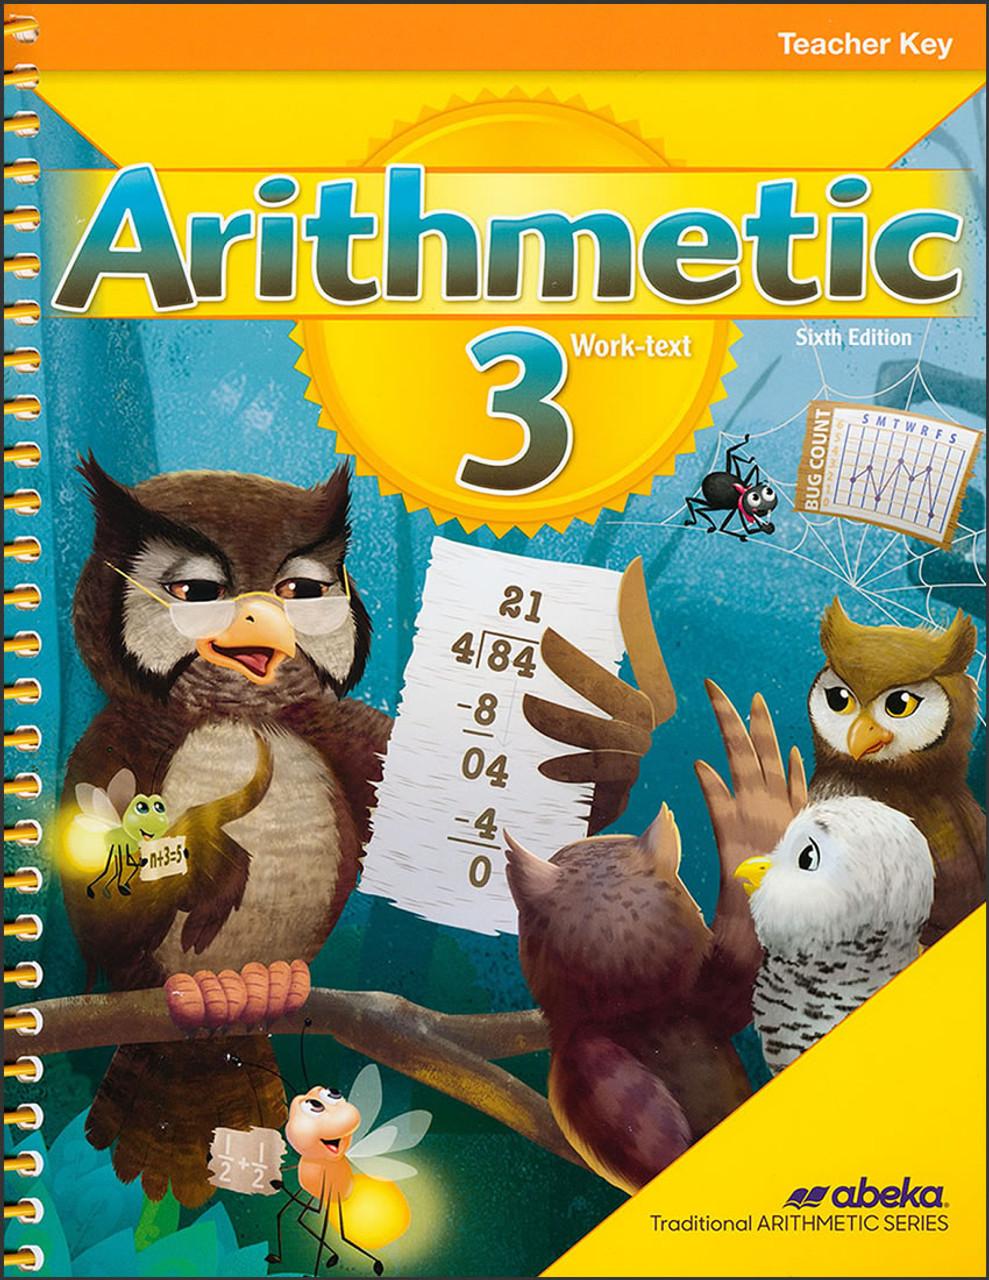 Arithmetic 3, 6th edition - Teacher Key